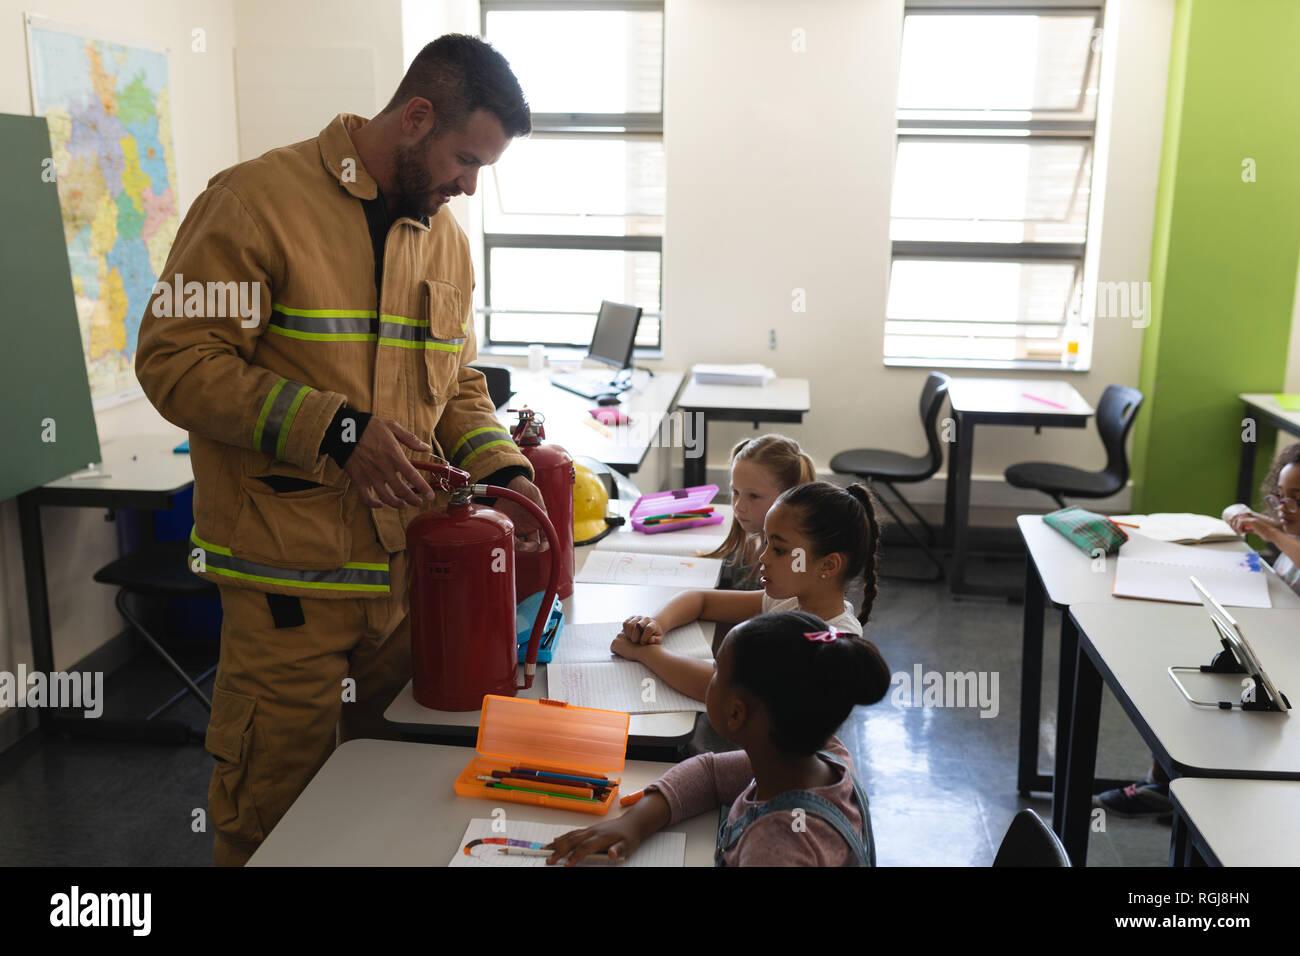 Seitenansicht der männlichen Kaukasier Feuerwehrmann Lehre schoolkids über Brandschutz, Feuerlöscher in Klassenzimmer der Volksschule Stockfoto